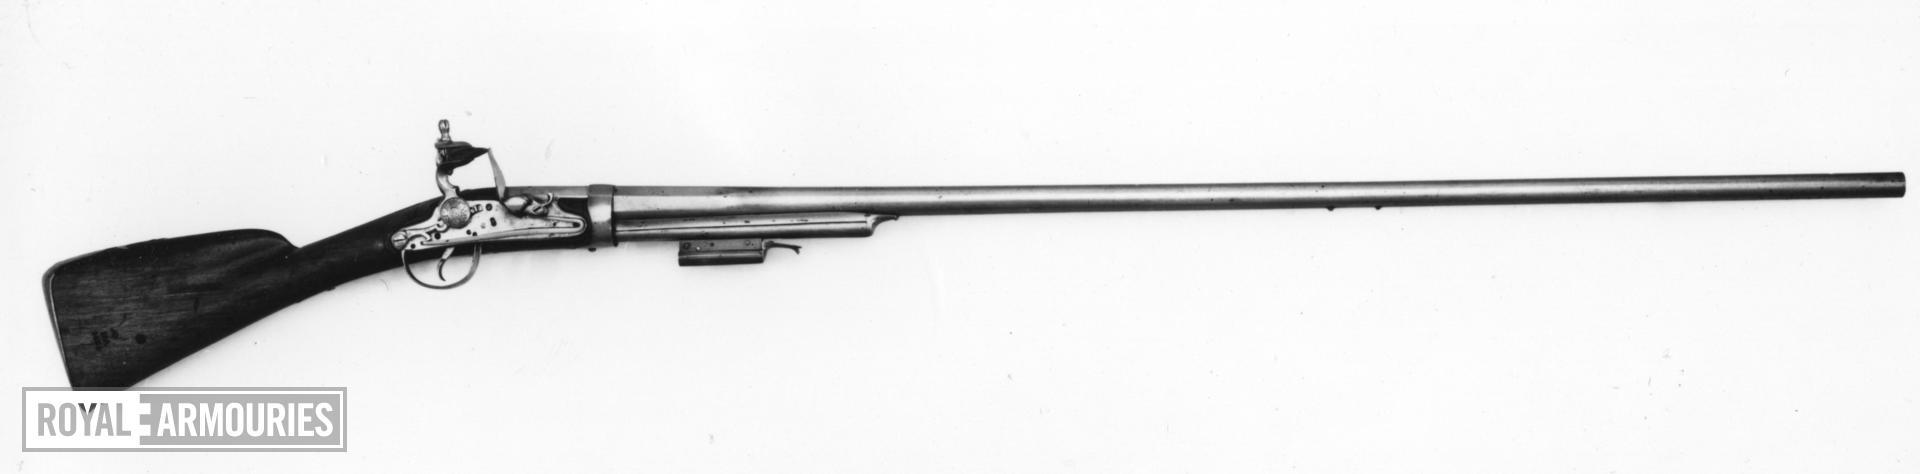 Flintlock breech-loading military musket - Berthier Pattern Experimental